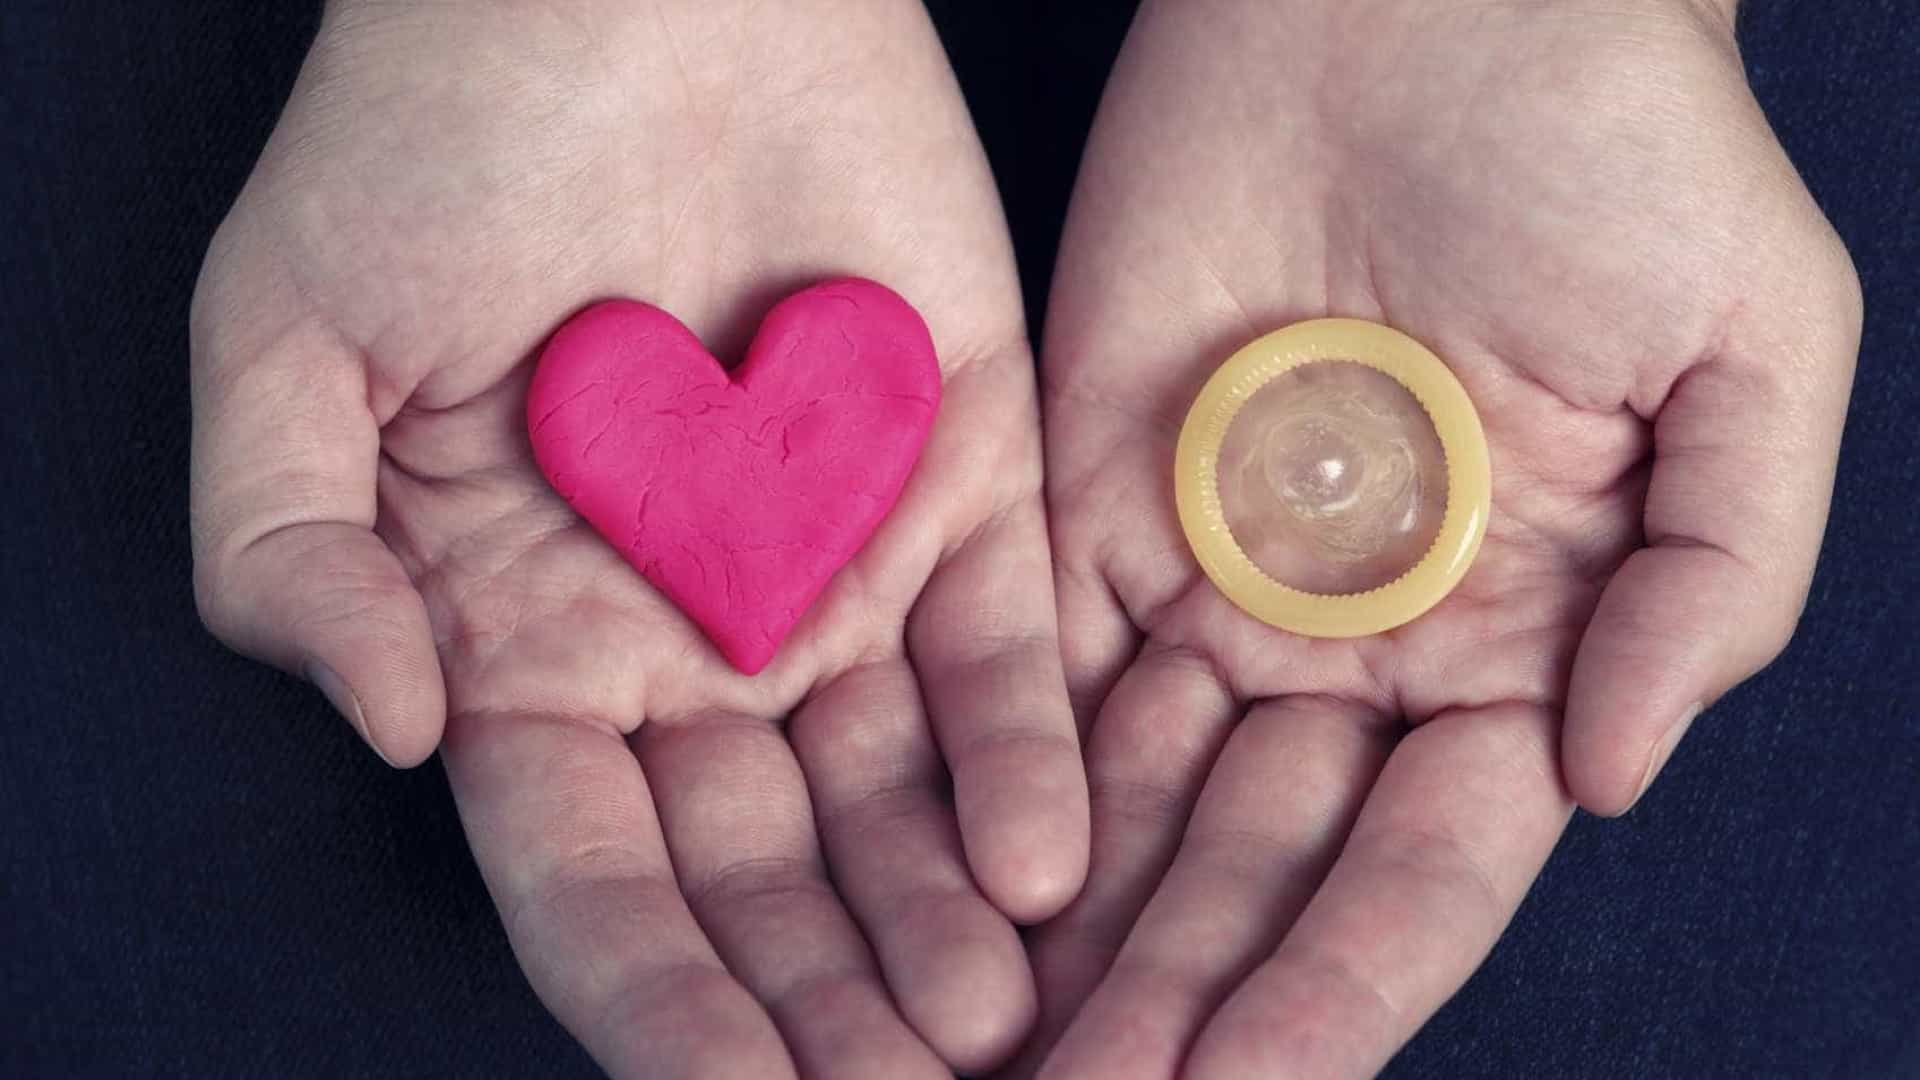 Doenças e dúvidas sobre relações marcam preocupações de jovens sobre sexo